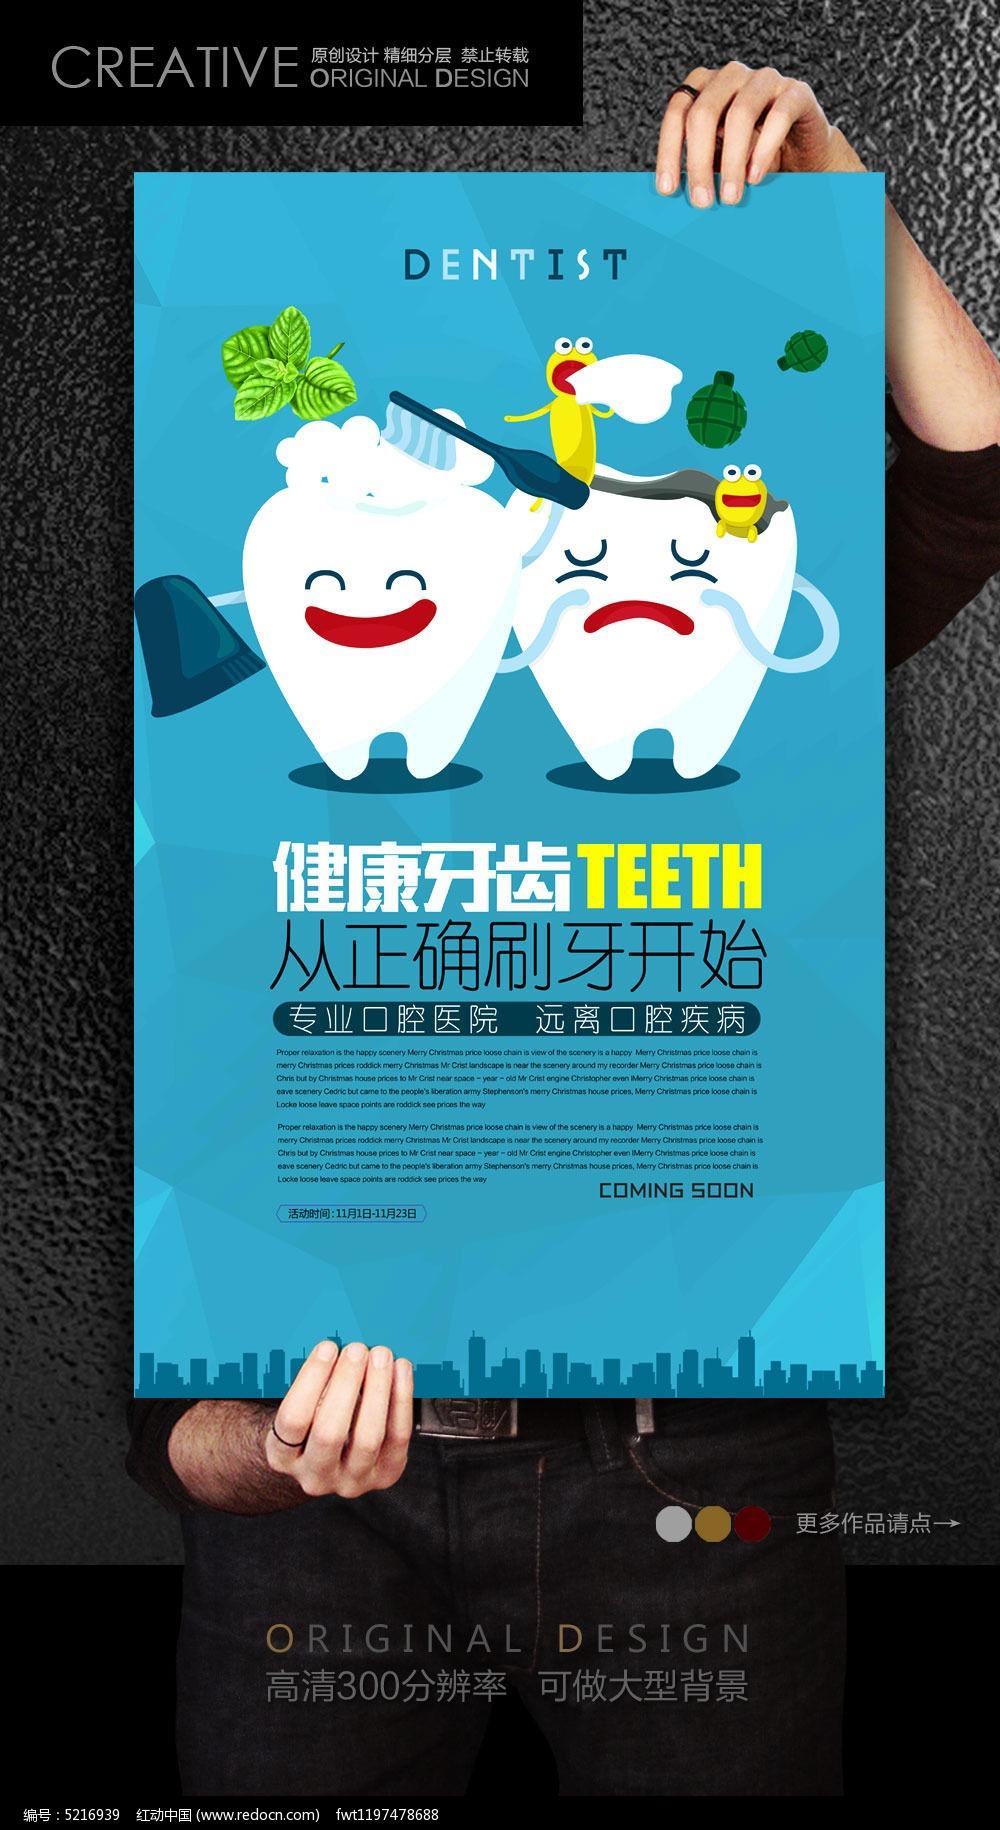 儿童牙齿保护宣传海报图片